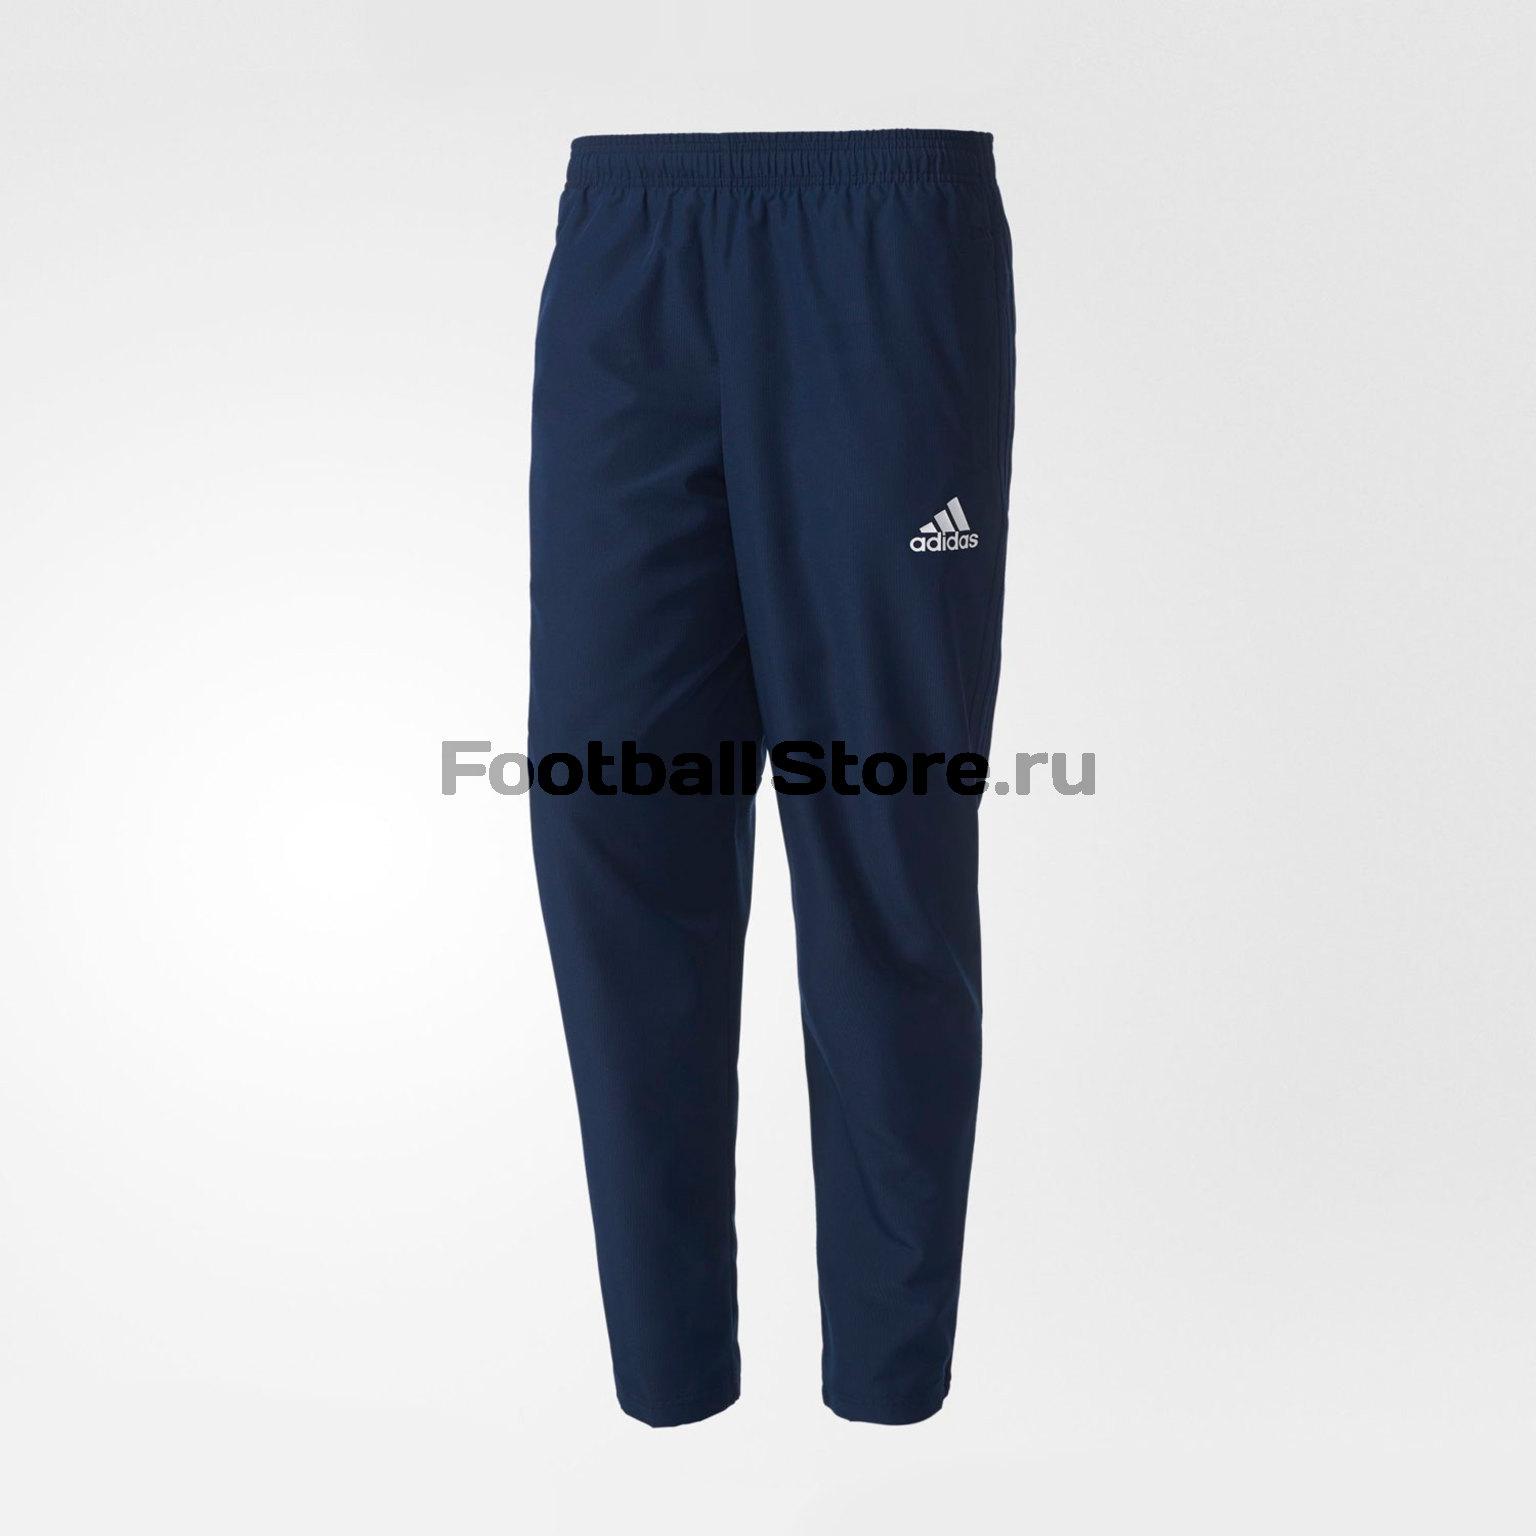 Брюки тренировочные Adidas Tiro17 Wov Pnt BQ2793 брюки adidas брюки тренировочные adidas tiro17 swt pnt ay2960